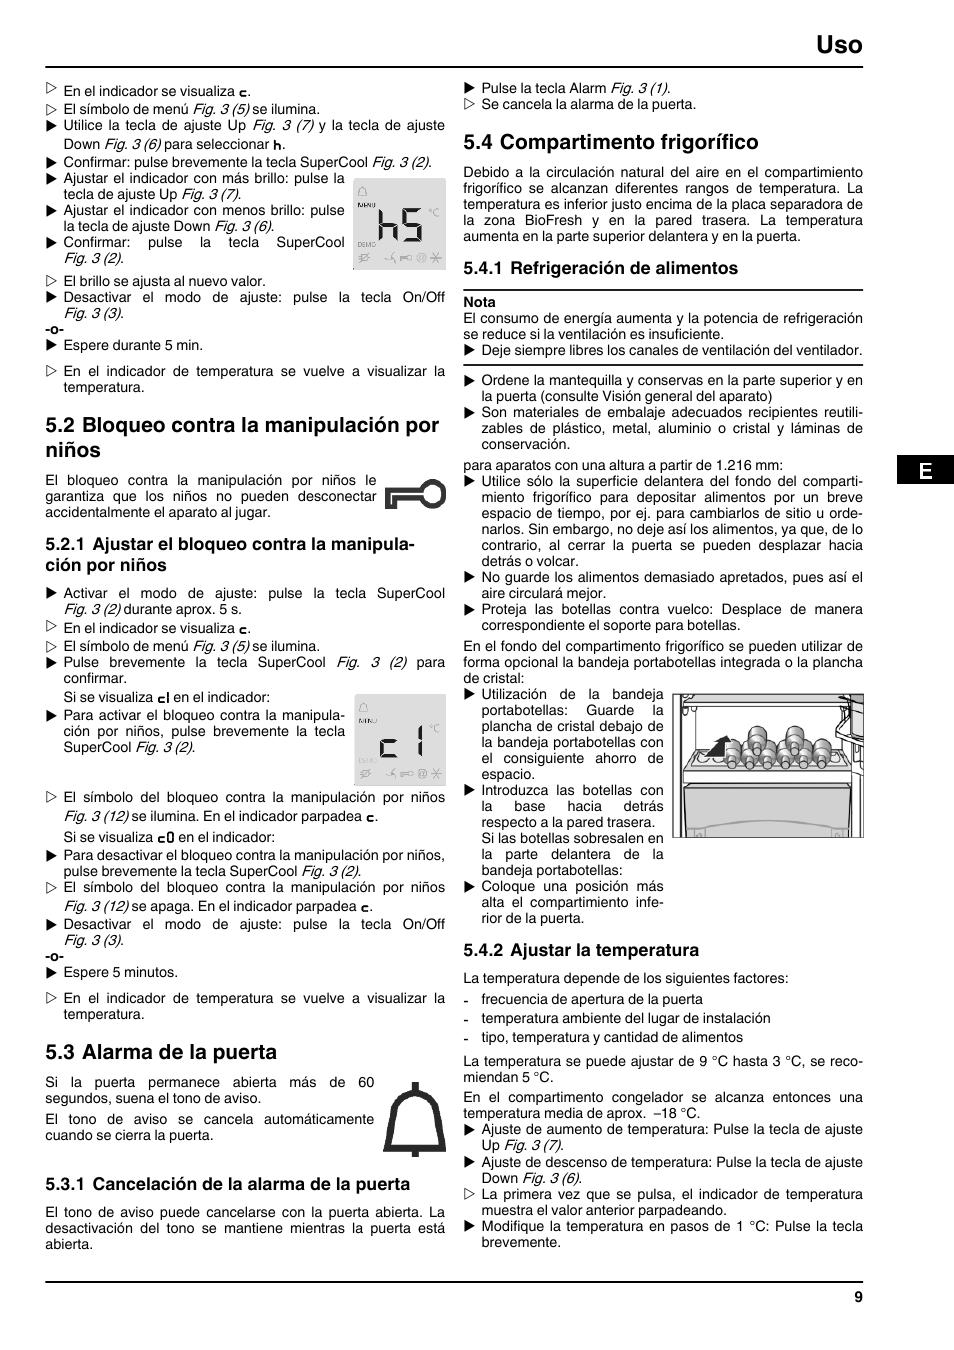 2bloqueo Contra La Manipulacion Por Ninos 3alarma De Puerta 1cancelacion Alarma